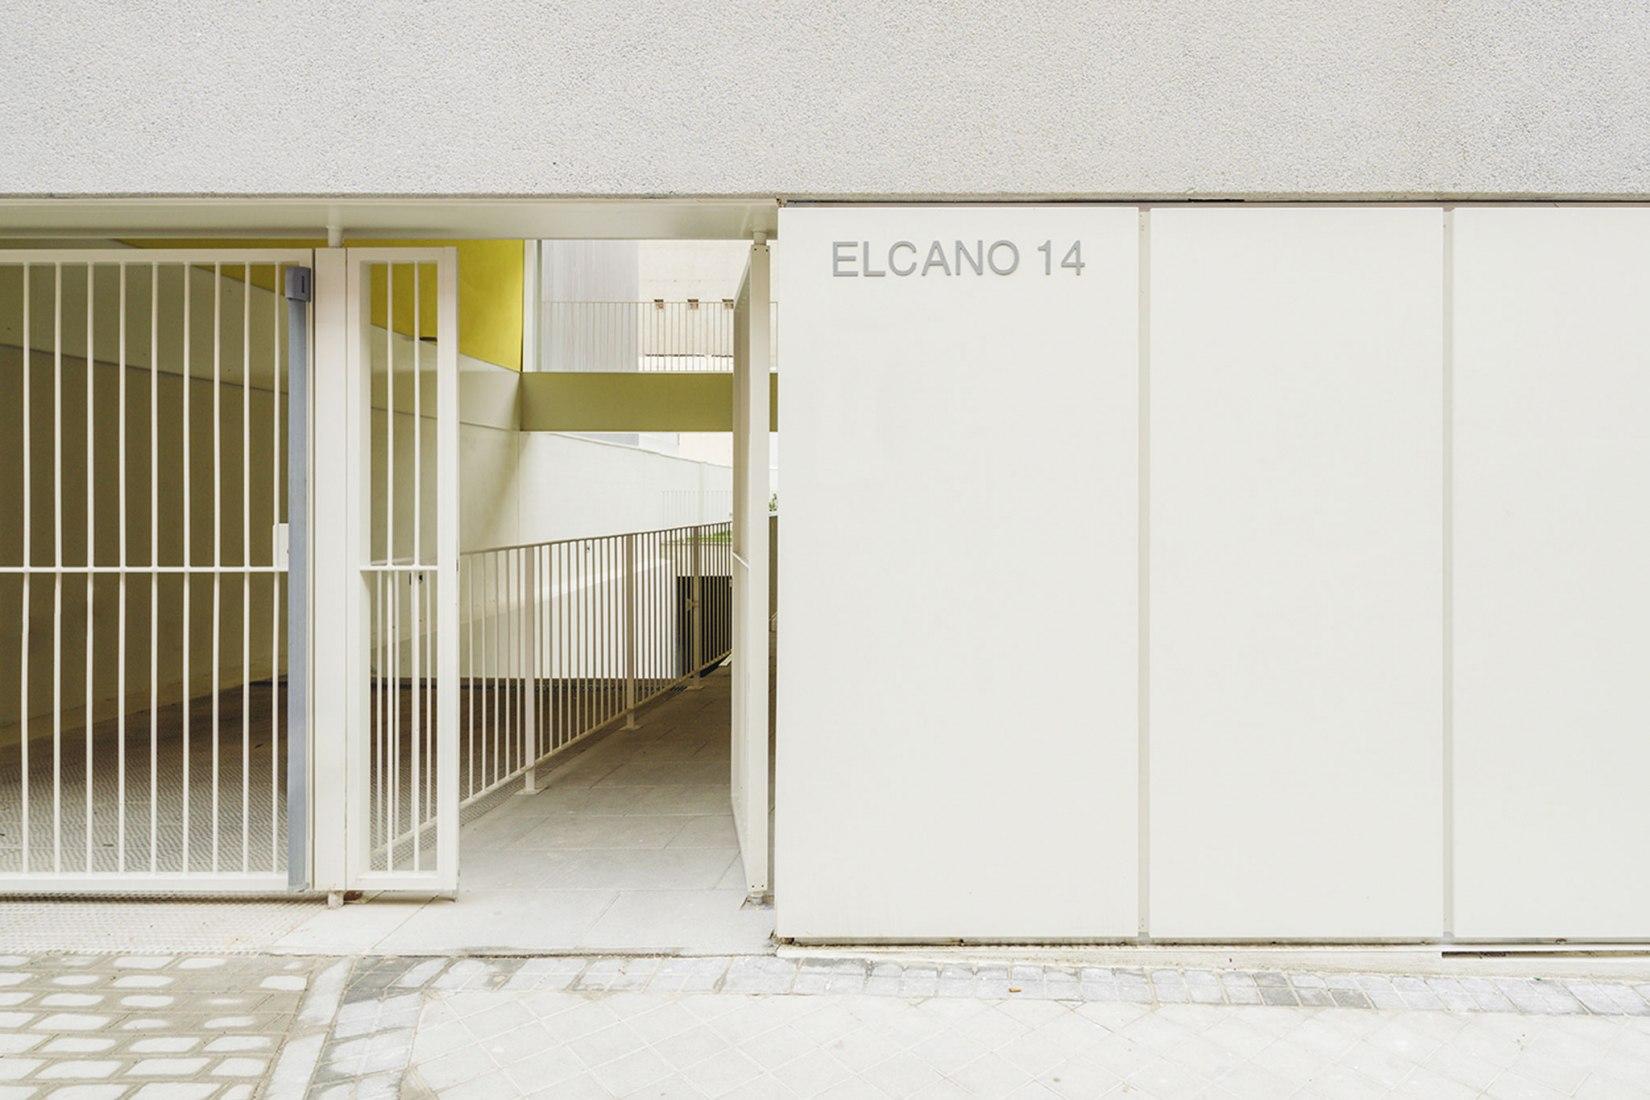 Elcano por FRPO Rodriguez & Oriol ARCHITECTS. Fotografía de Imagen Subliminal (Miguel de Guzmán + Rocío Romero).